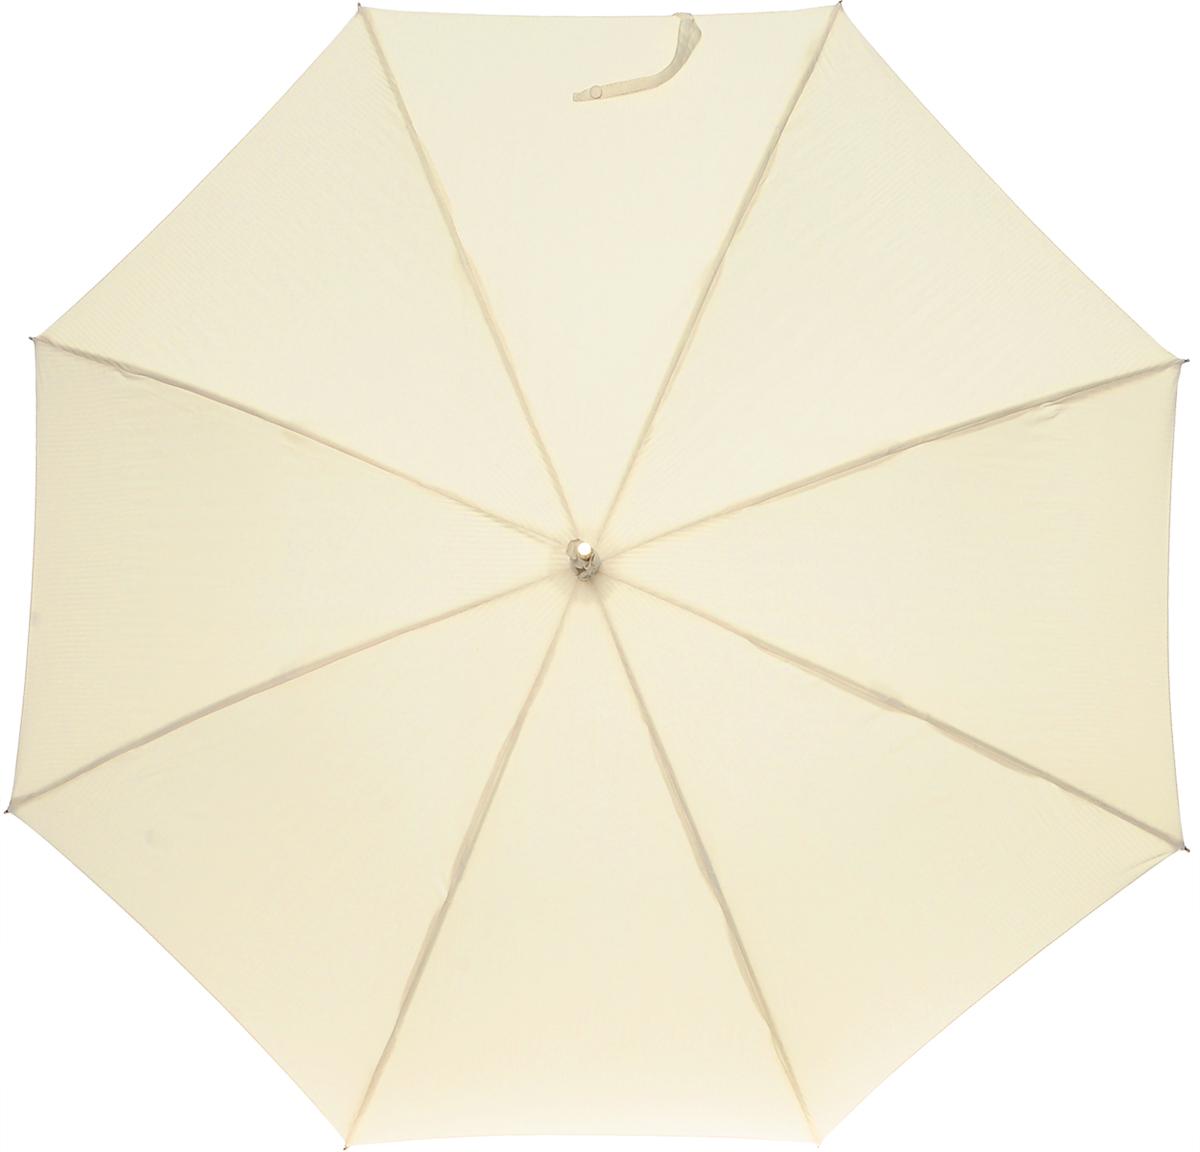 Зонт-трость женский Vogue, цвет: бежевый. 103 VП250071001-22Стильный зонт-трость Vouge даже в ненастную погоду позволит вам оставаться стильной и элегантной. Каркас зонта выполнен из восьми металлических спиц, удобная закругленная рукоятка из искусственной кожи с лаковым покрытием. К ручке крепится съемный шнурок с декоративной кисточкой. Купол зонта выполнен из полиэстера. Зонт механического сложения: купол открывается и закрывается вручную до характерного щелчка Характеристики: Материал: полиэстер, пластик, металл. Цвет:бежевый. Производитель:Испания. Артикул: 103 V.